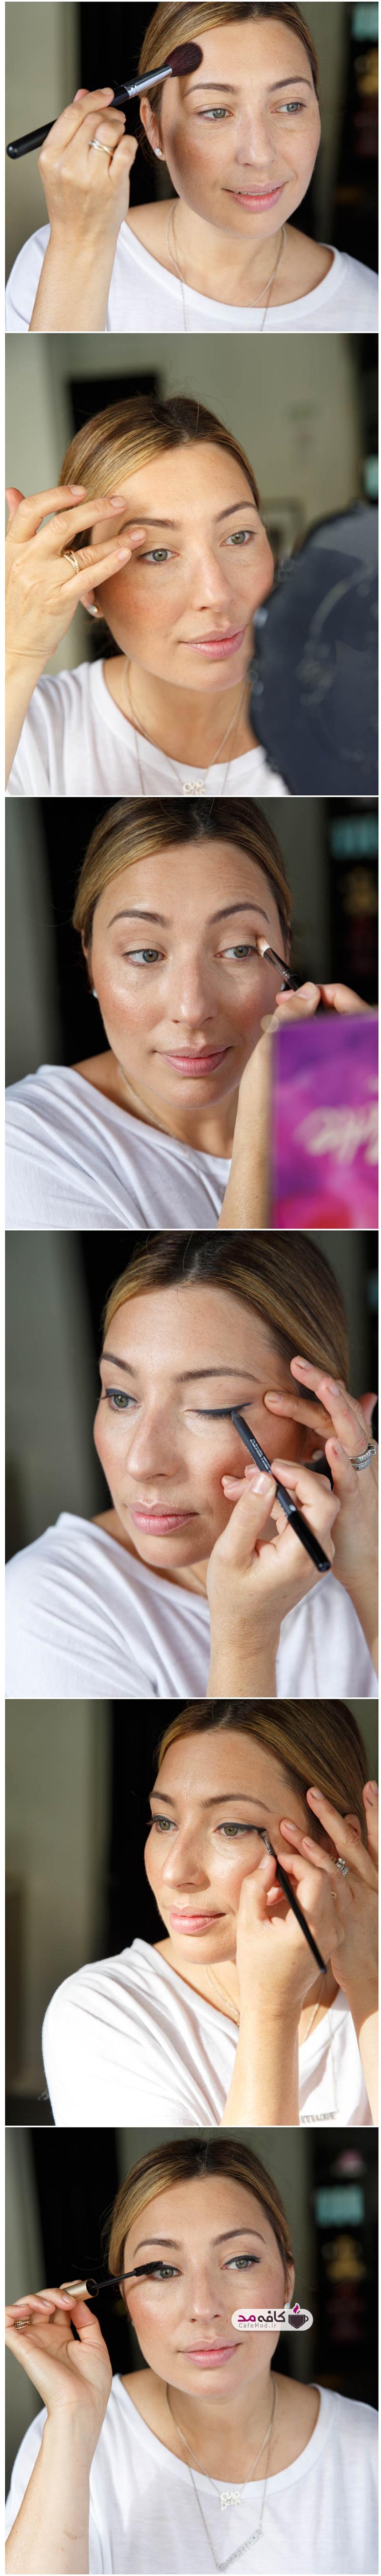 آموزش آرایش ساده صورت با رژ قرمز